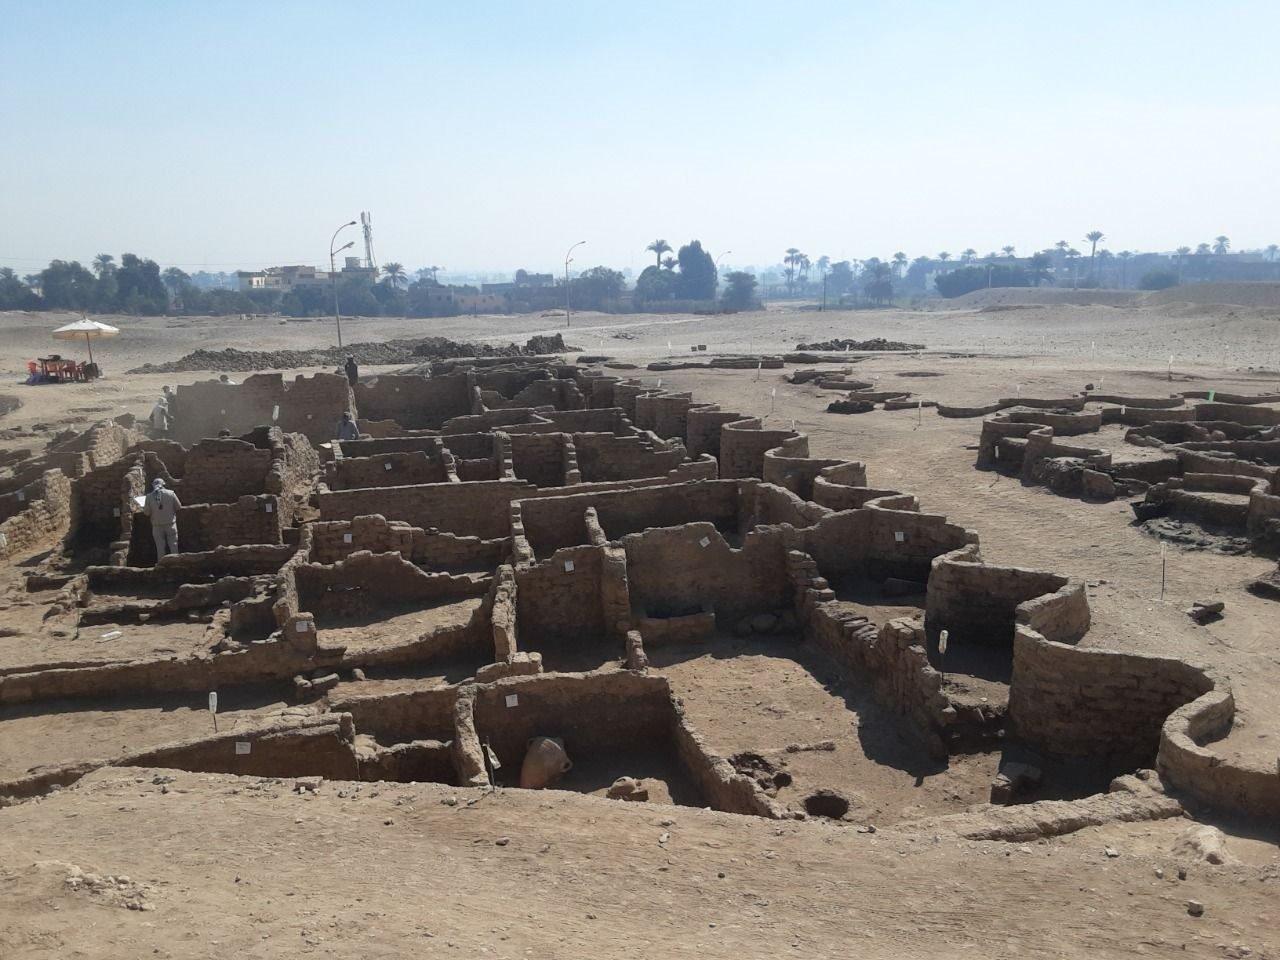 La Ciudad Perdida Dorada, descubierta por Zahi Hawass y su equipo en la orilla occidental de Luxor.